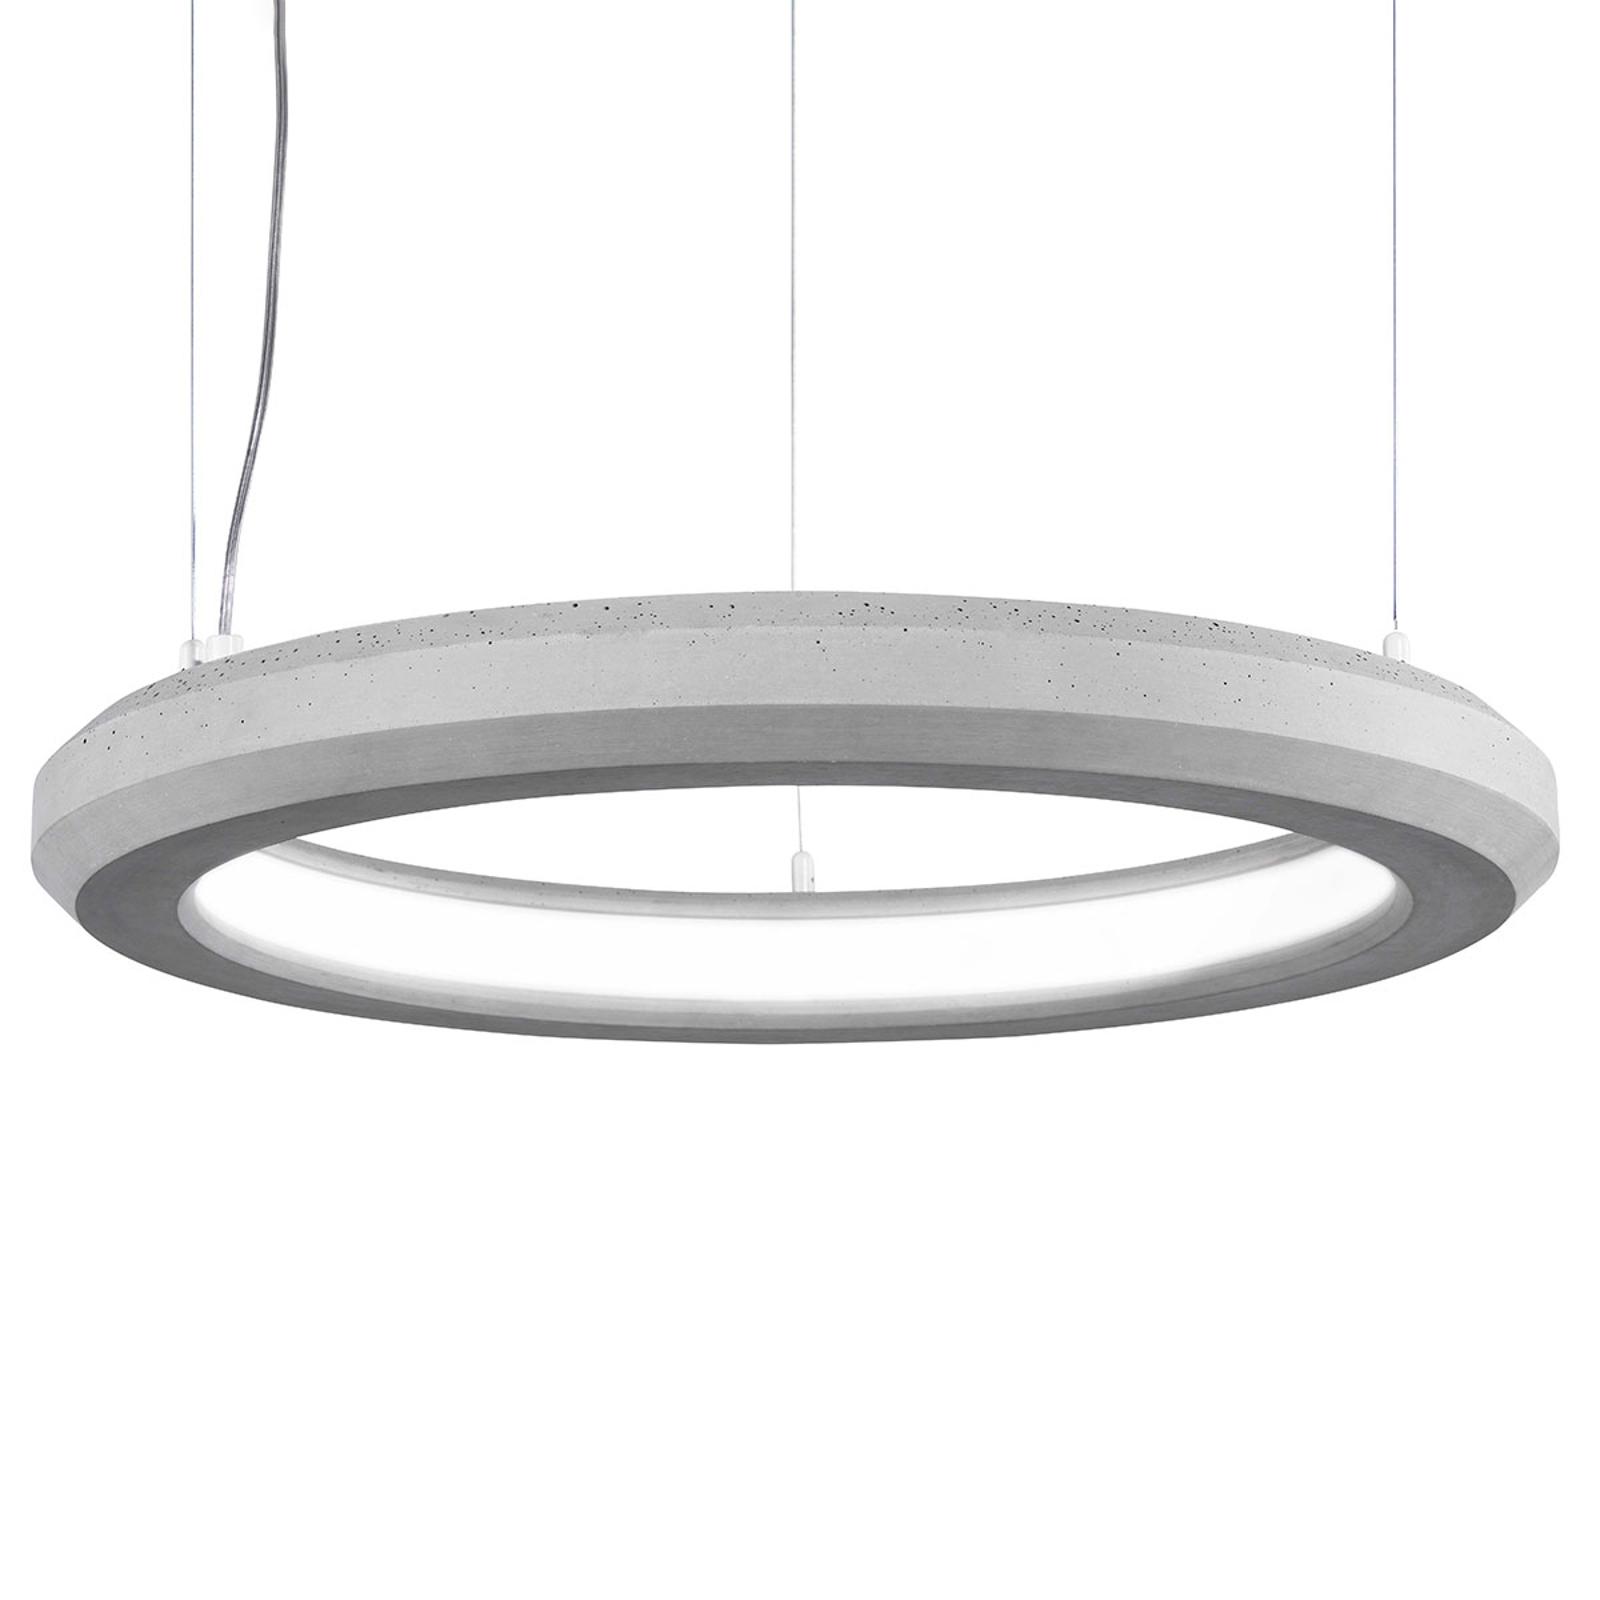 Lampa wisząca LED Materica wewnętrzna Ø 60cm beton